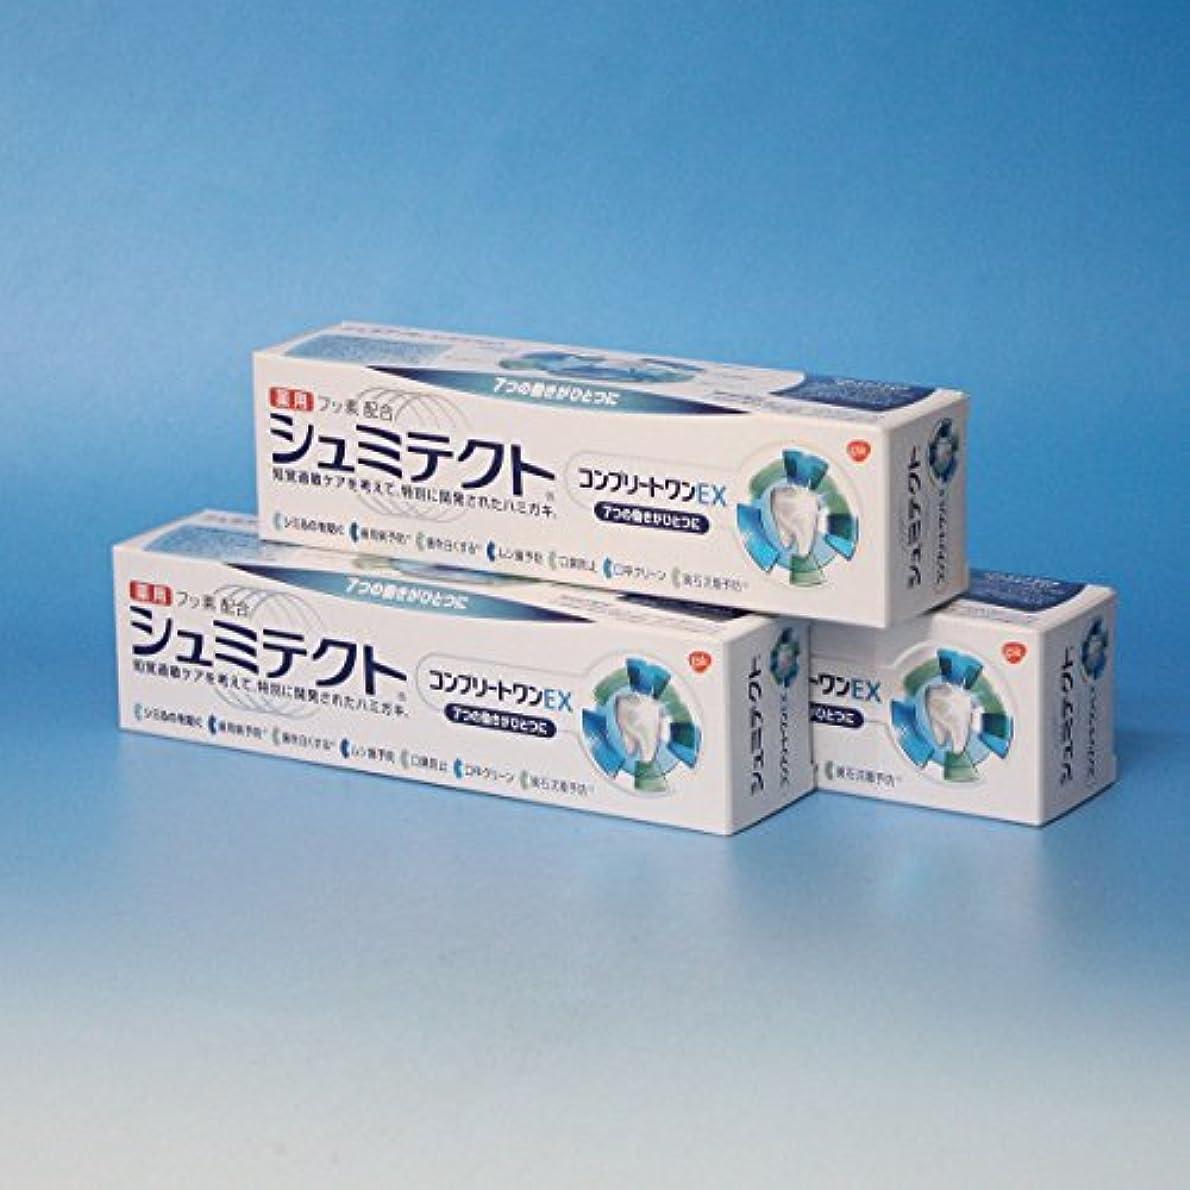 開拓者エレメンタル下手【アース製薬】シュミテクトコンプリートワンEX 90g ×3個セット